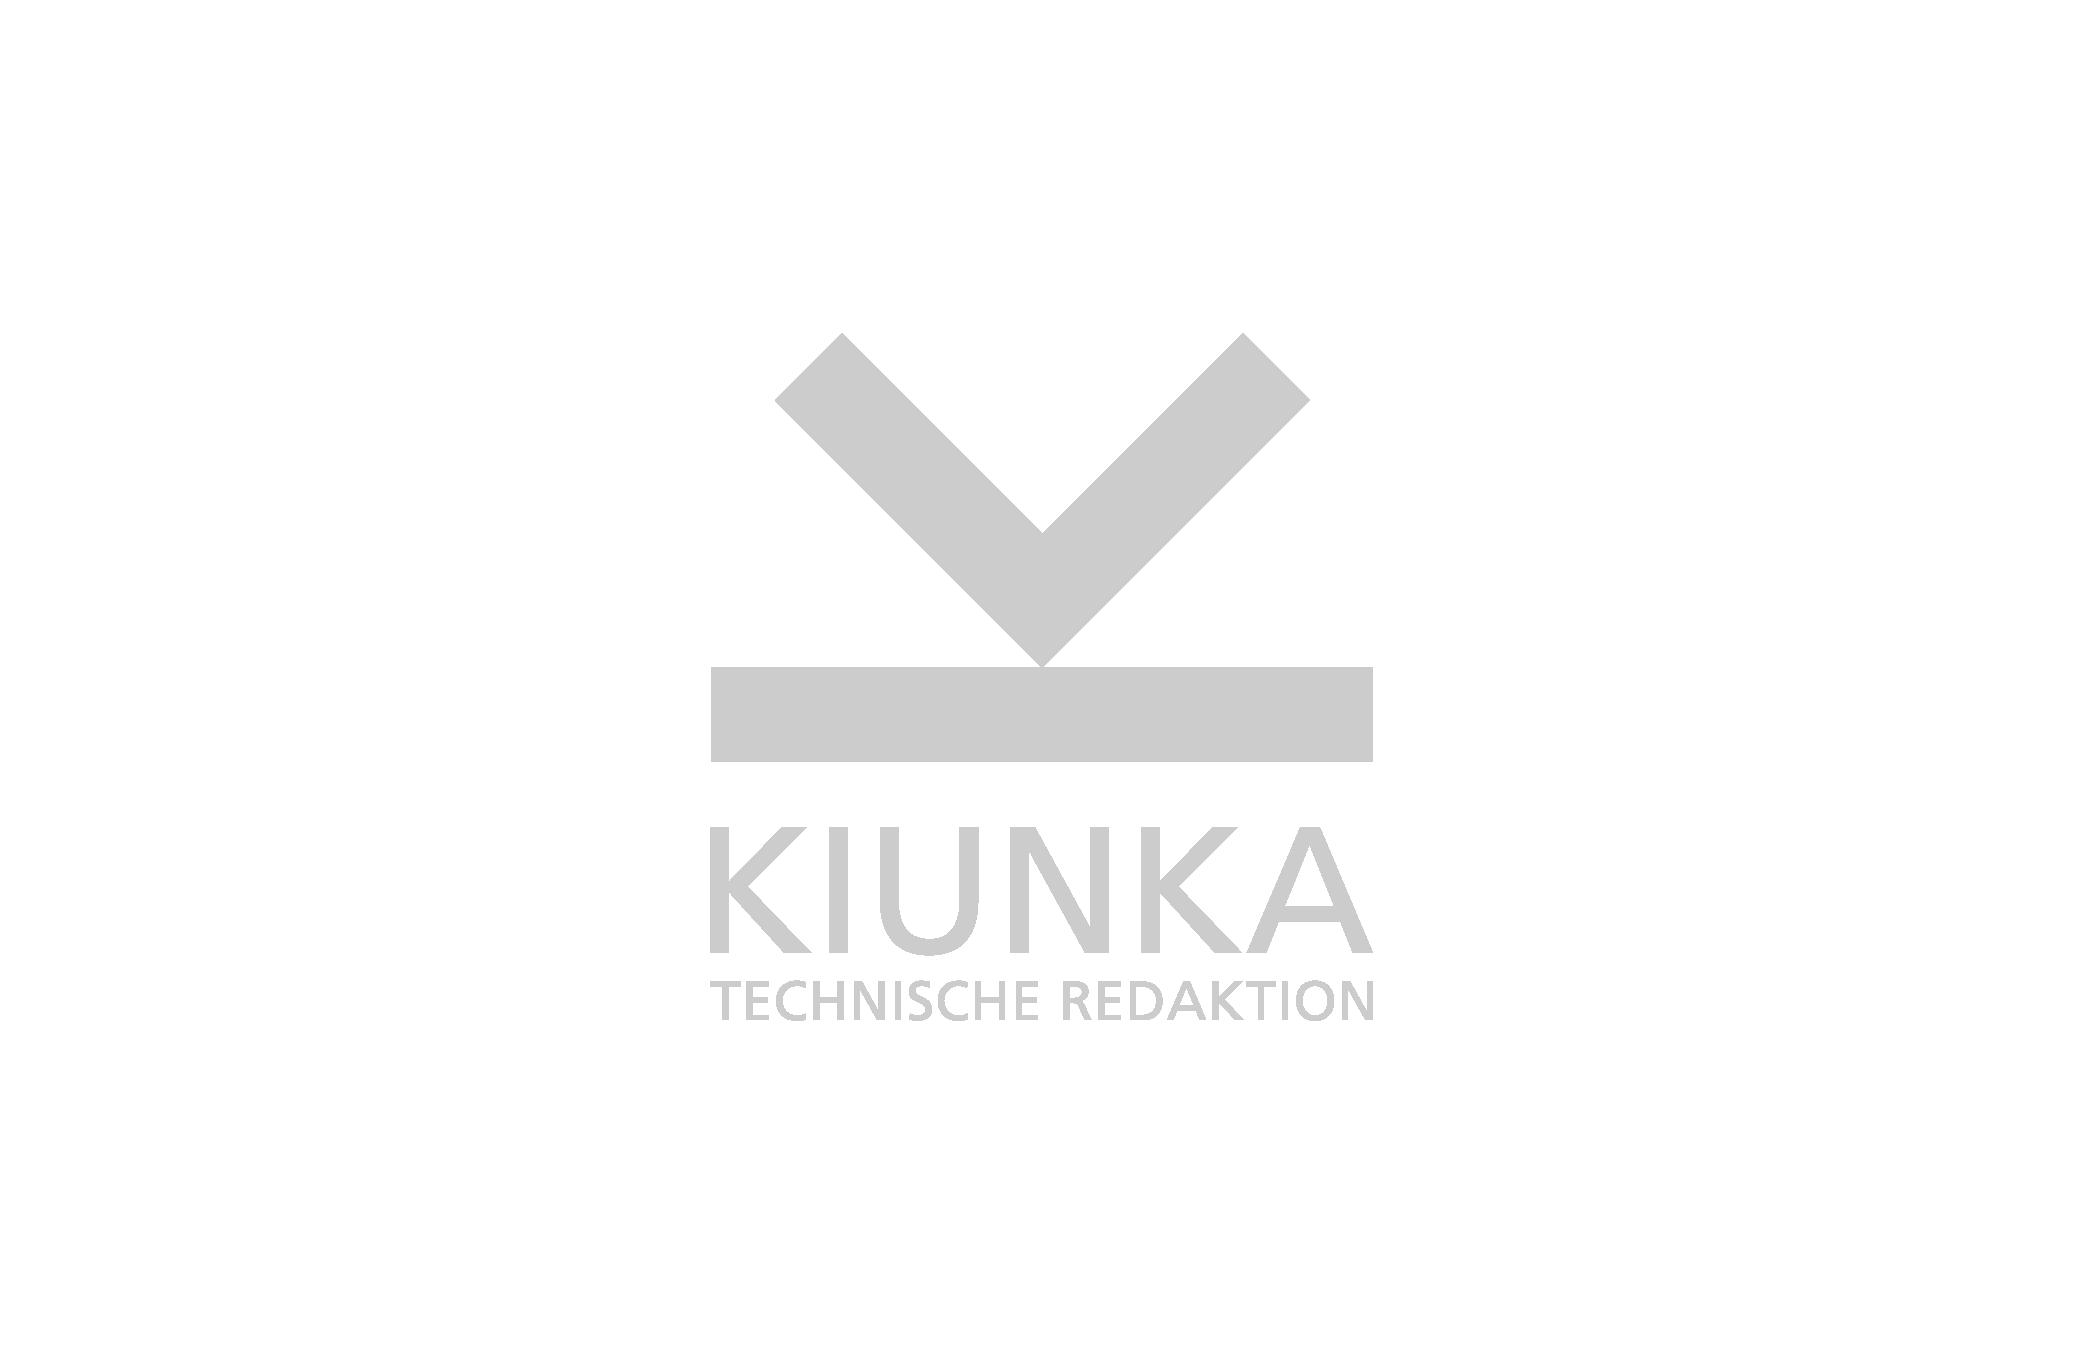 Technische Redaktion Kiunka